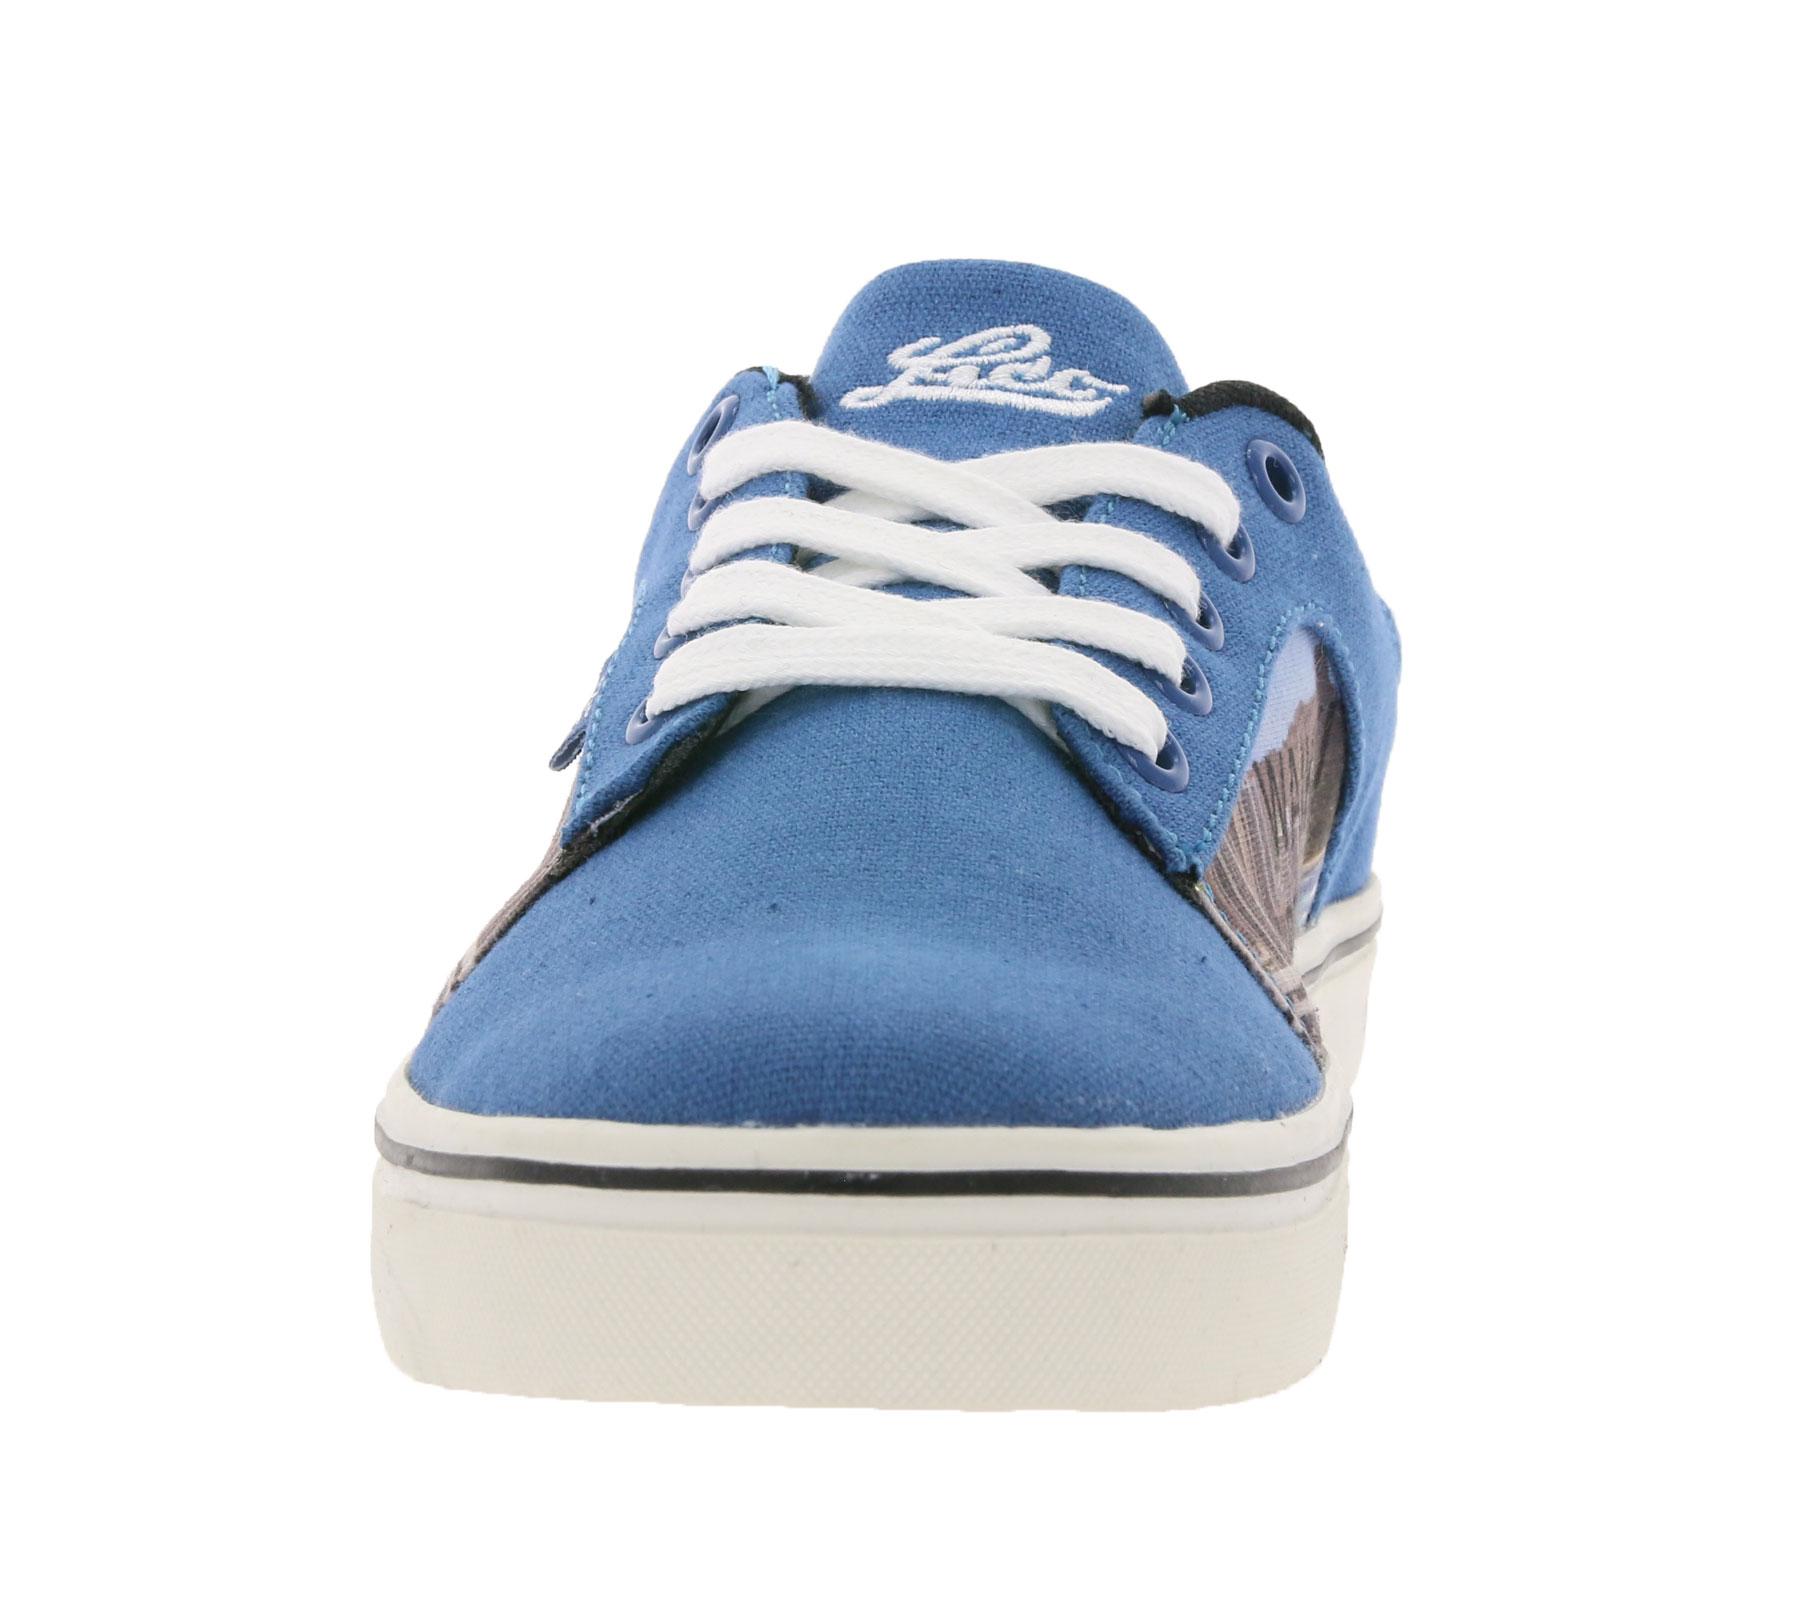 Vans California blau, grau Gr. 38 Schuhe Sneaker